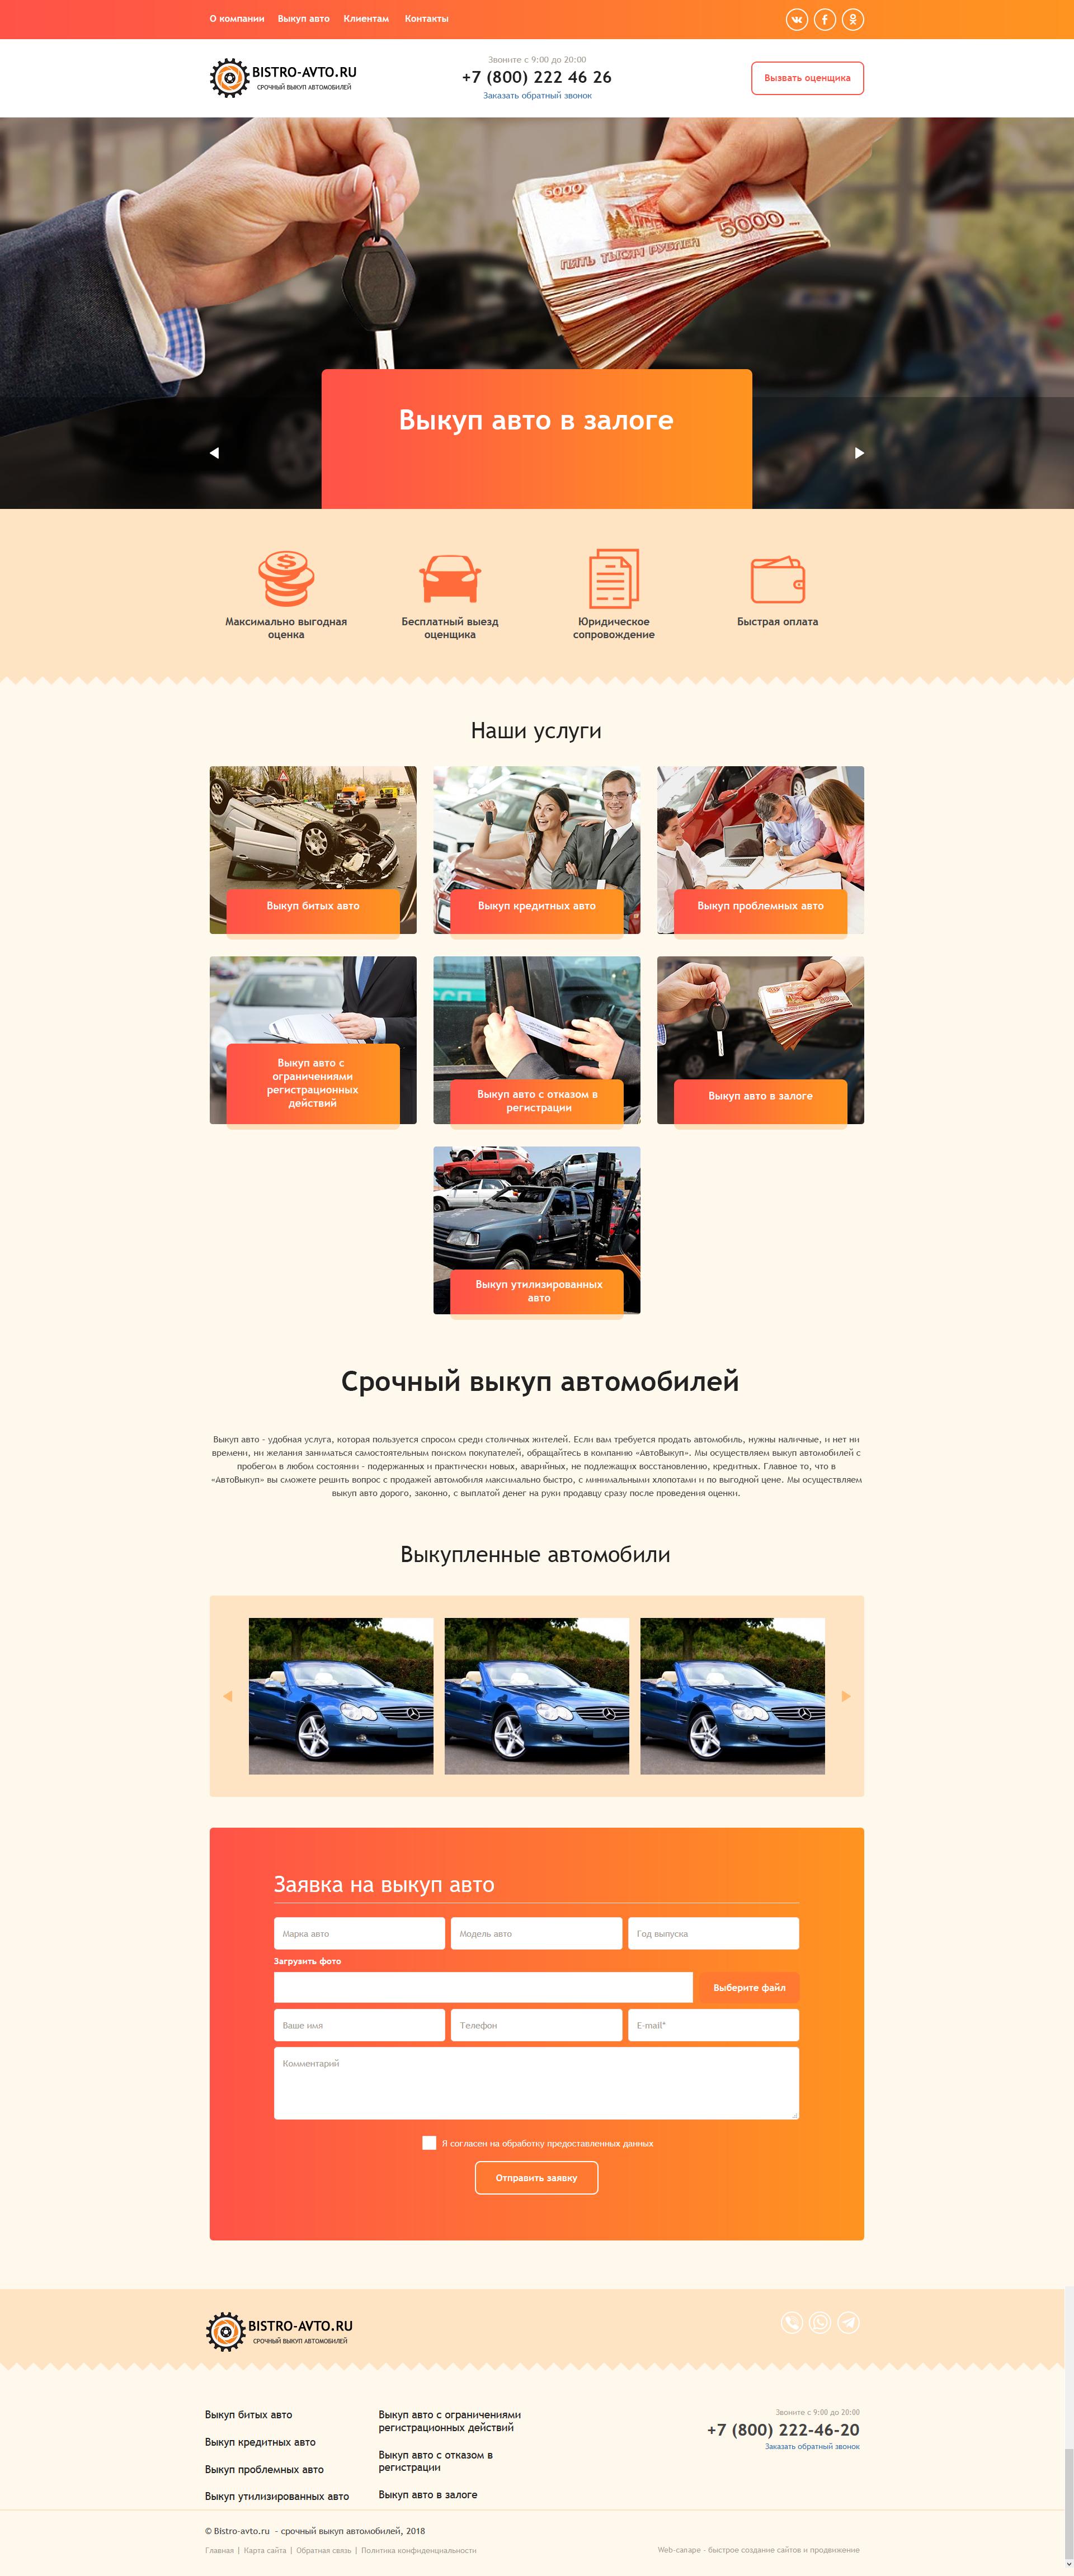 Создание сайта по выкупу автомобилей